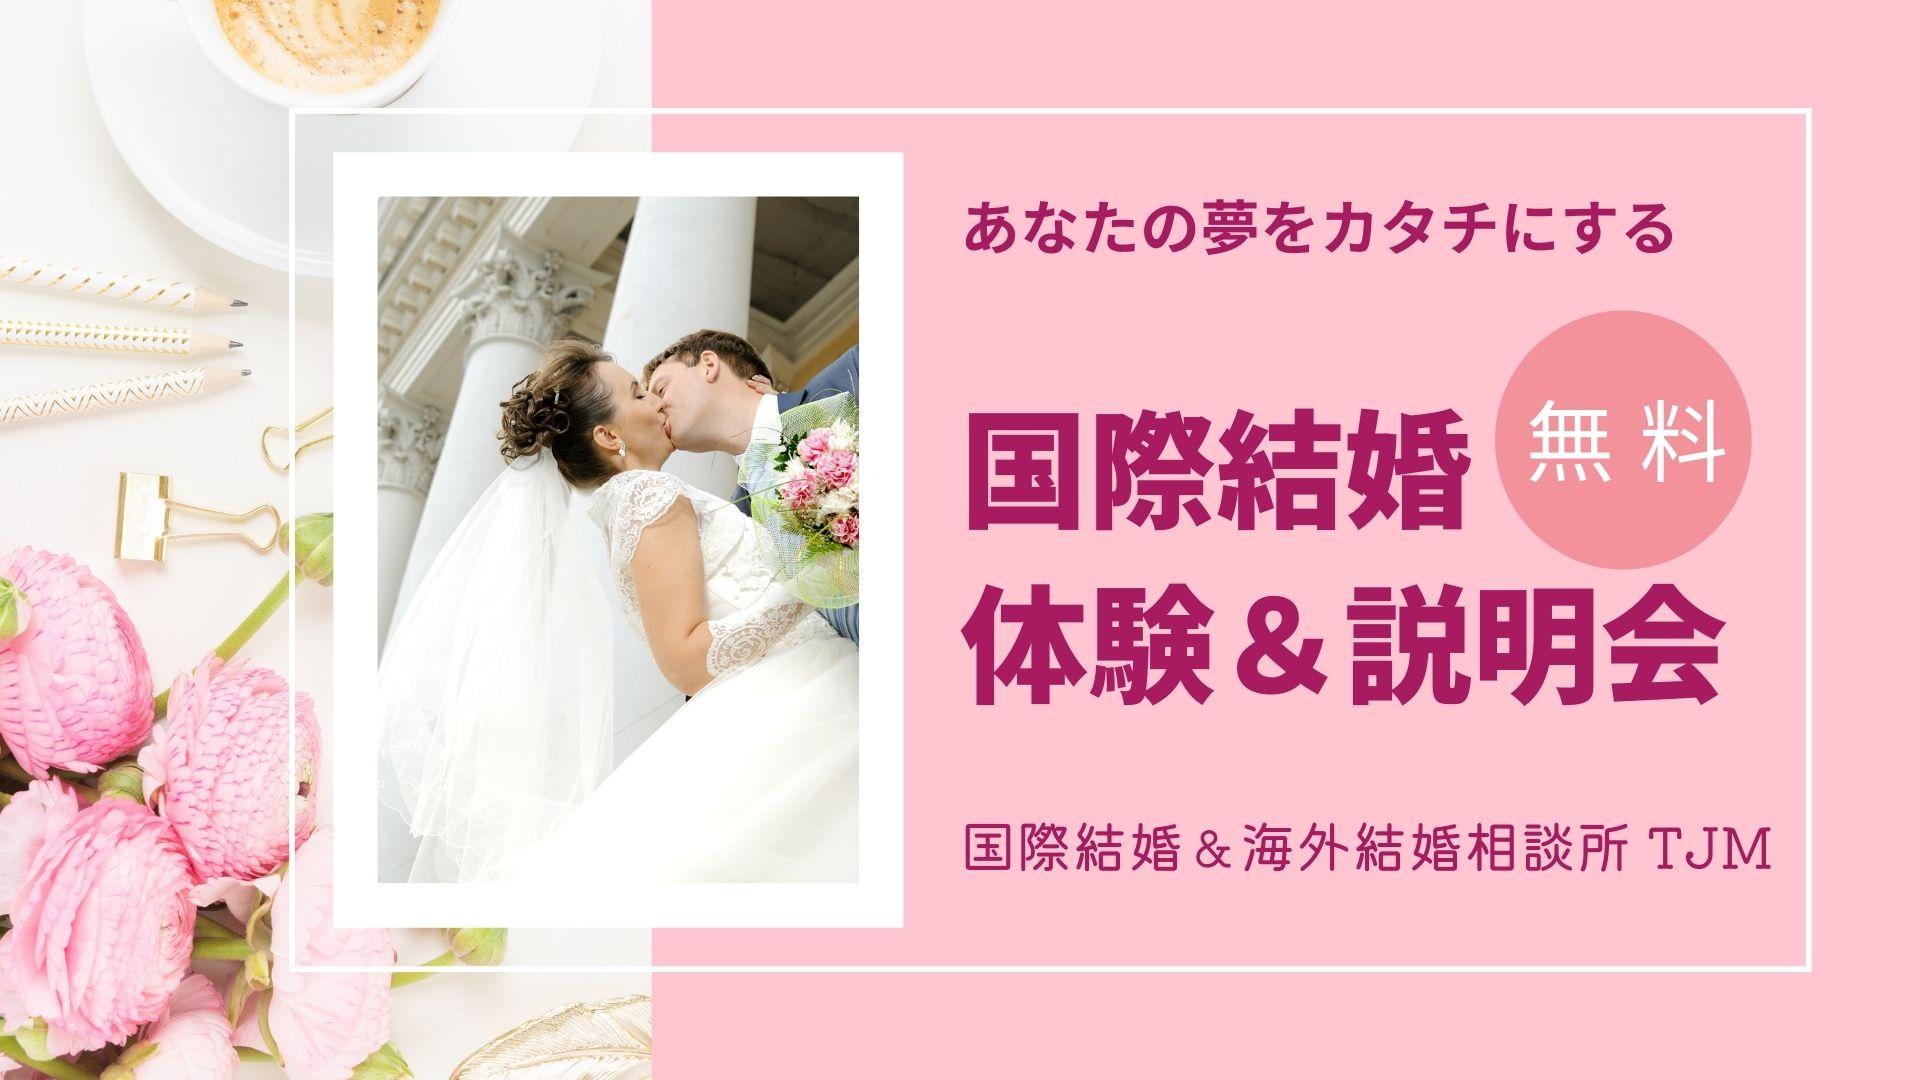 国際結婚・無料体験&説明会